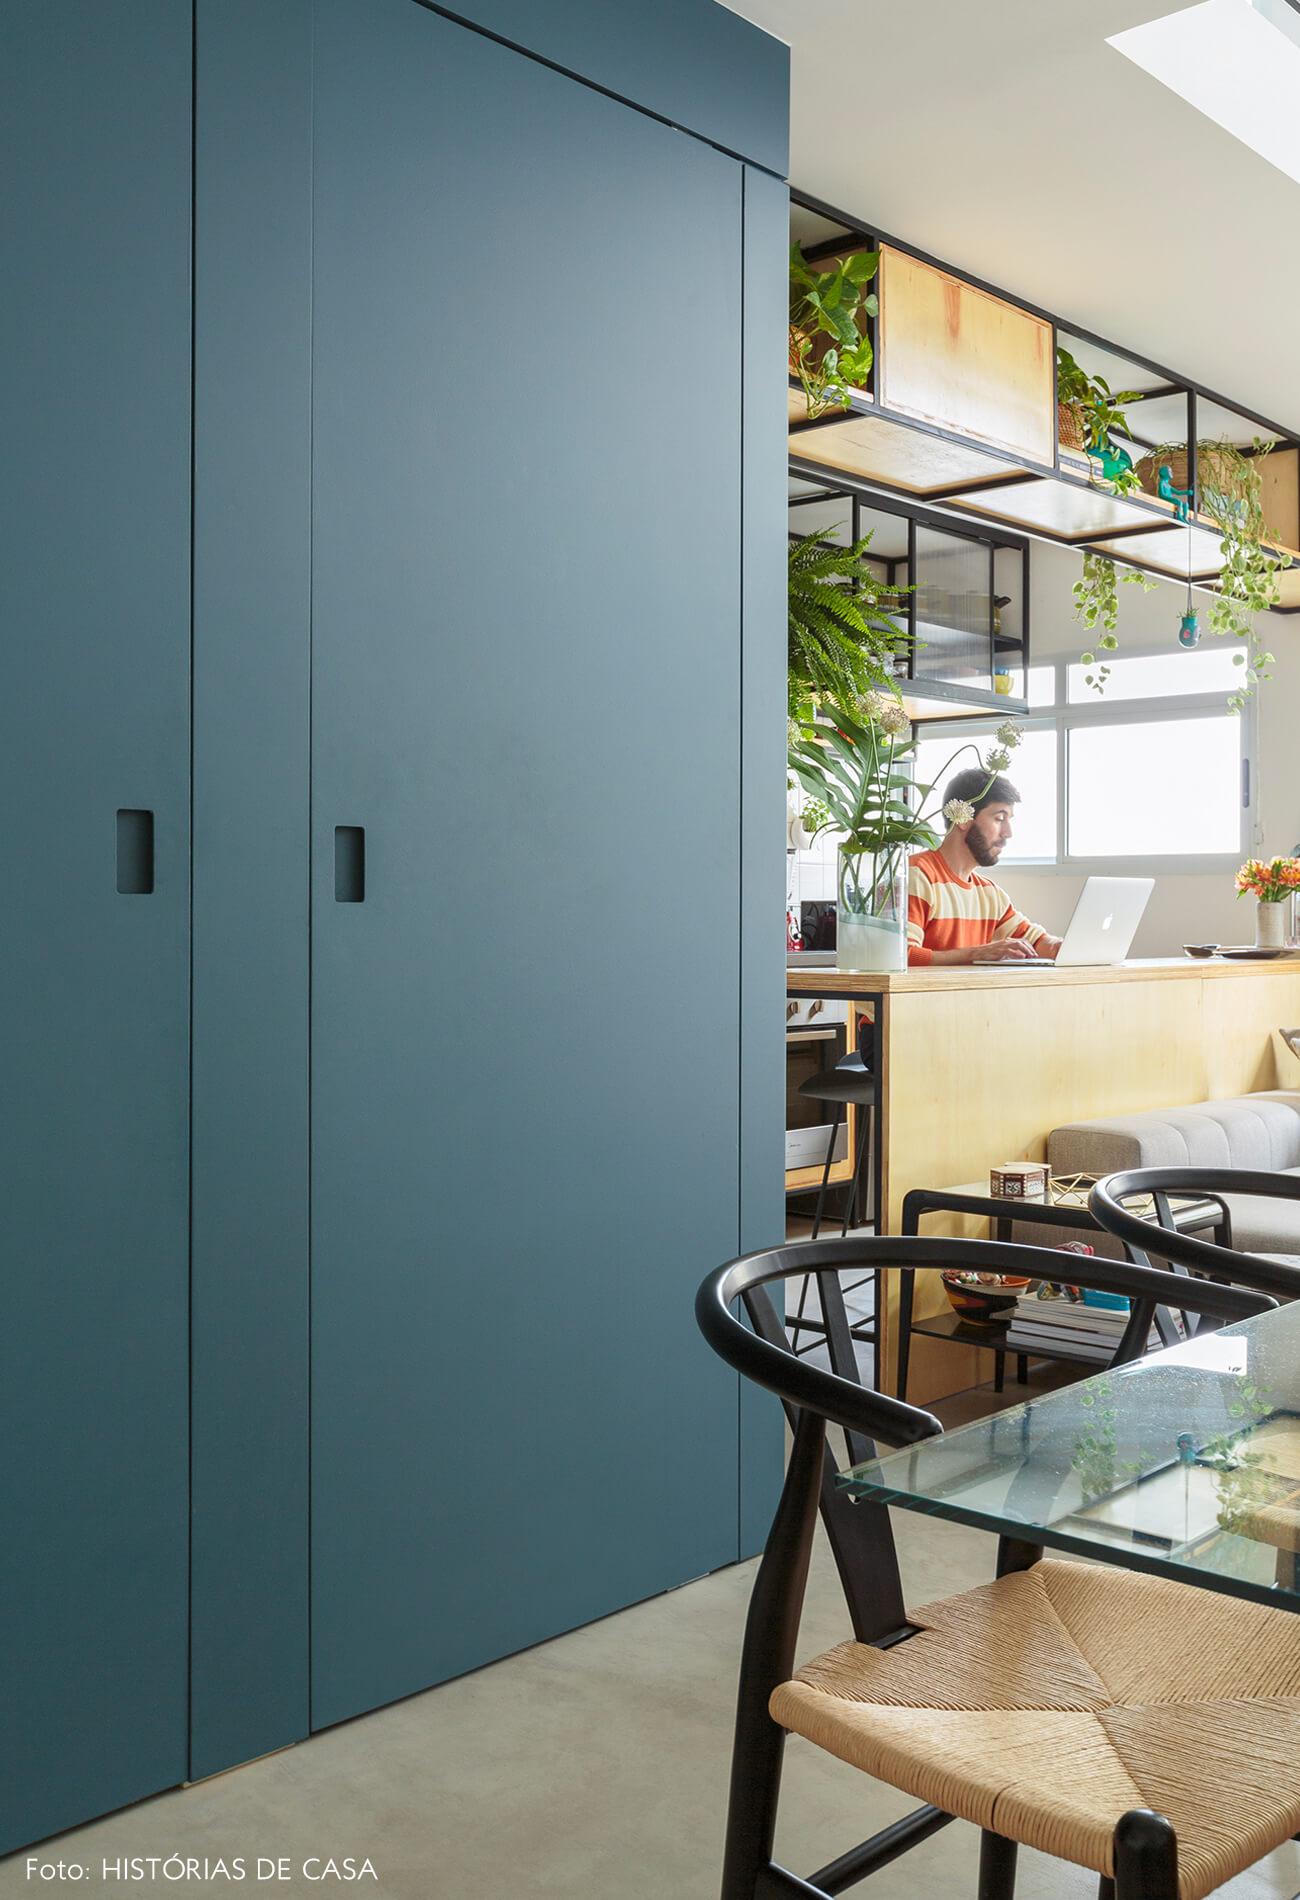 flavio-decoração-sala-e-cozinha-com-portas-azul-e-cadeira-preta